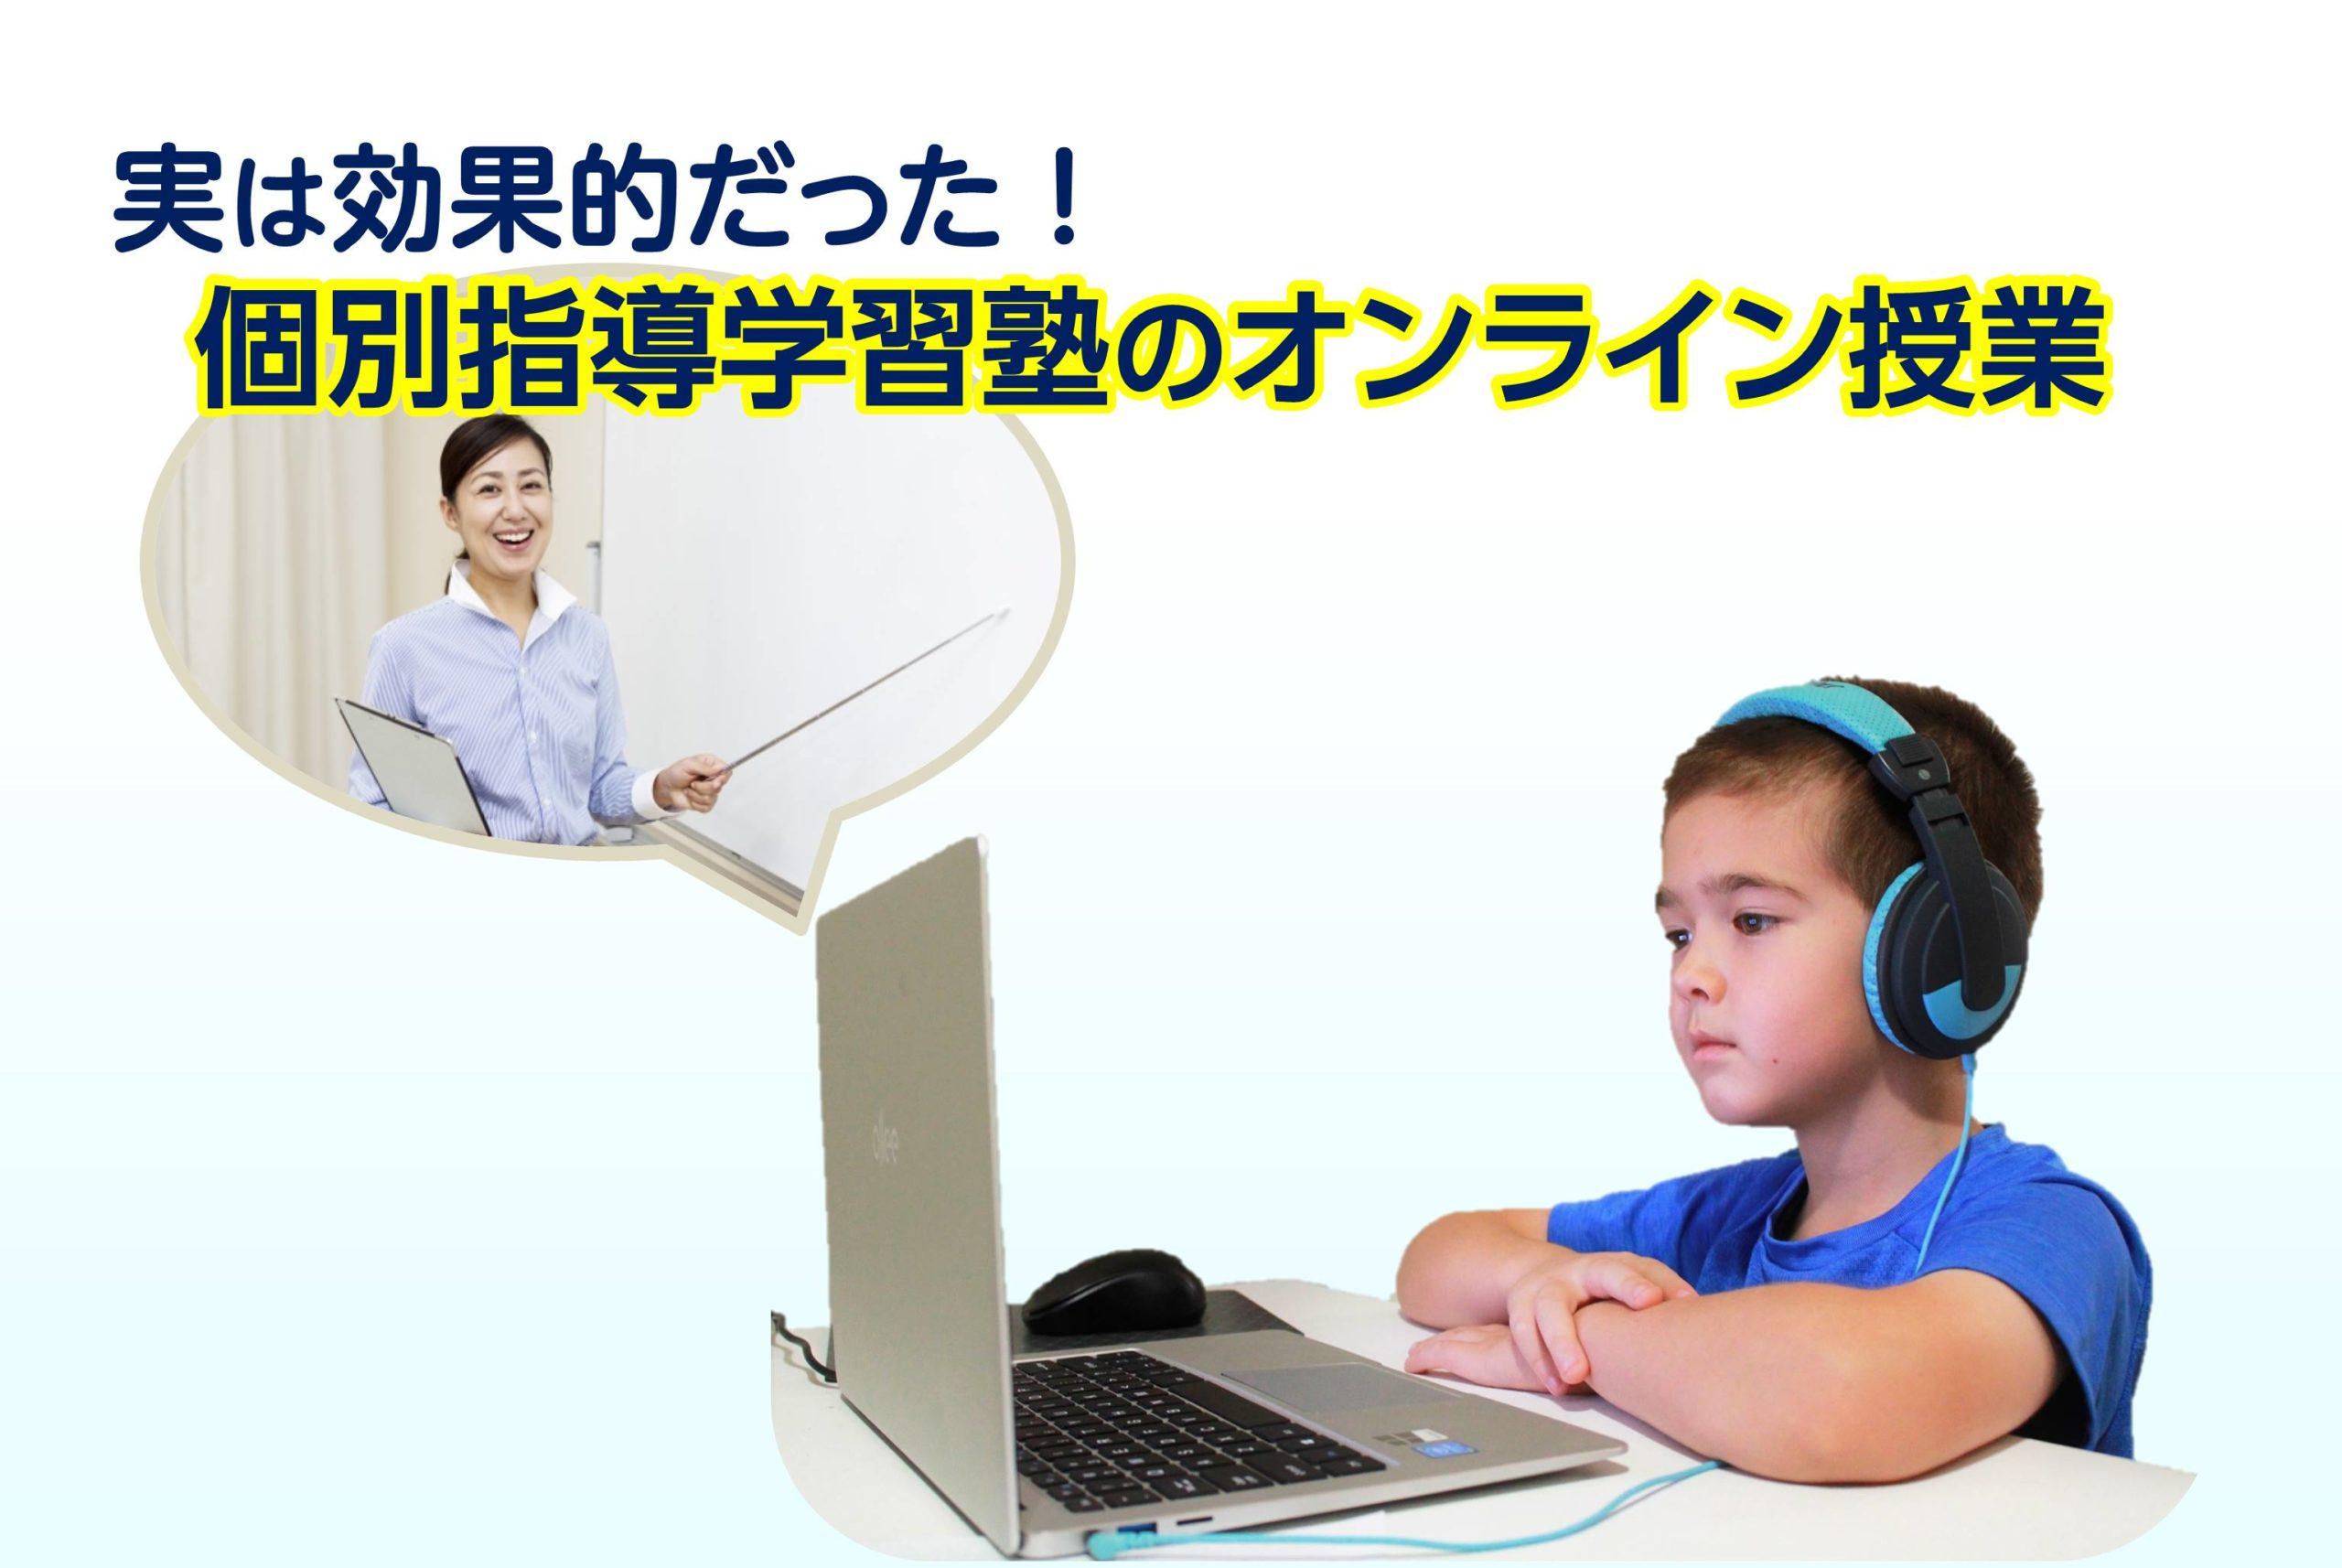 実は効果的だった!個別指導学習塾のオンライン授業